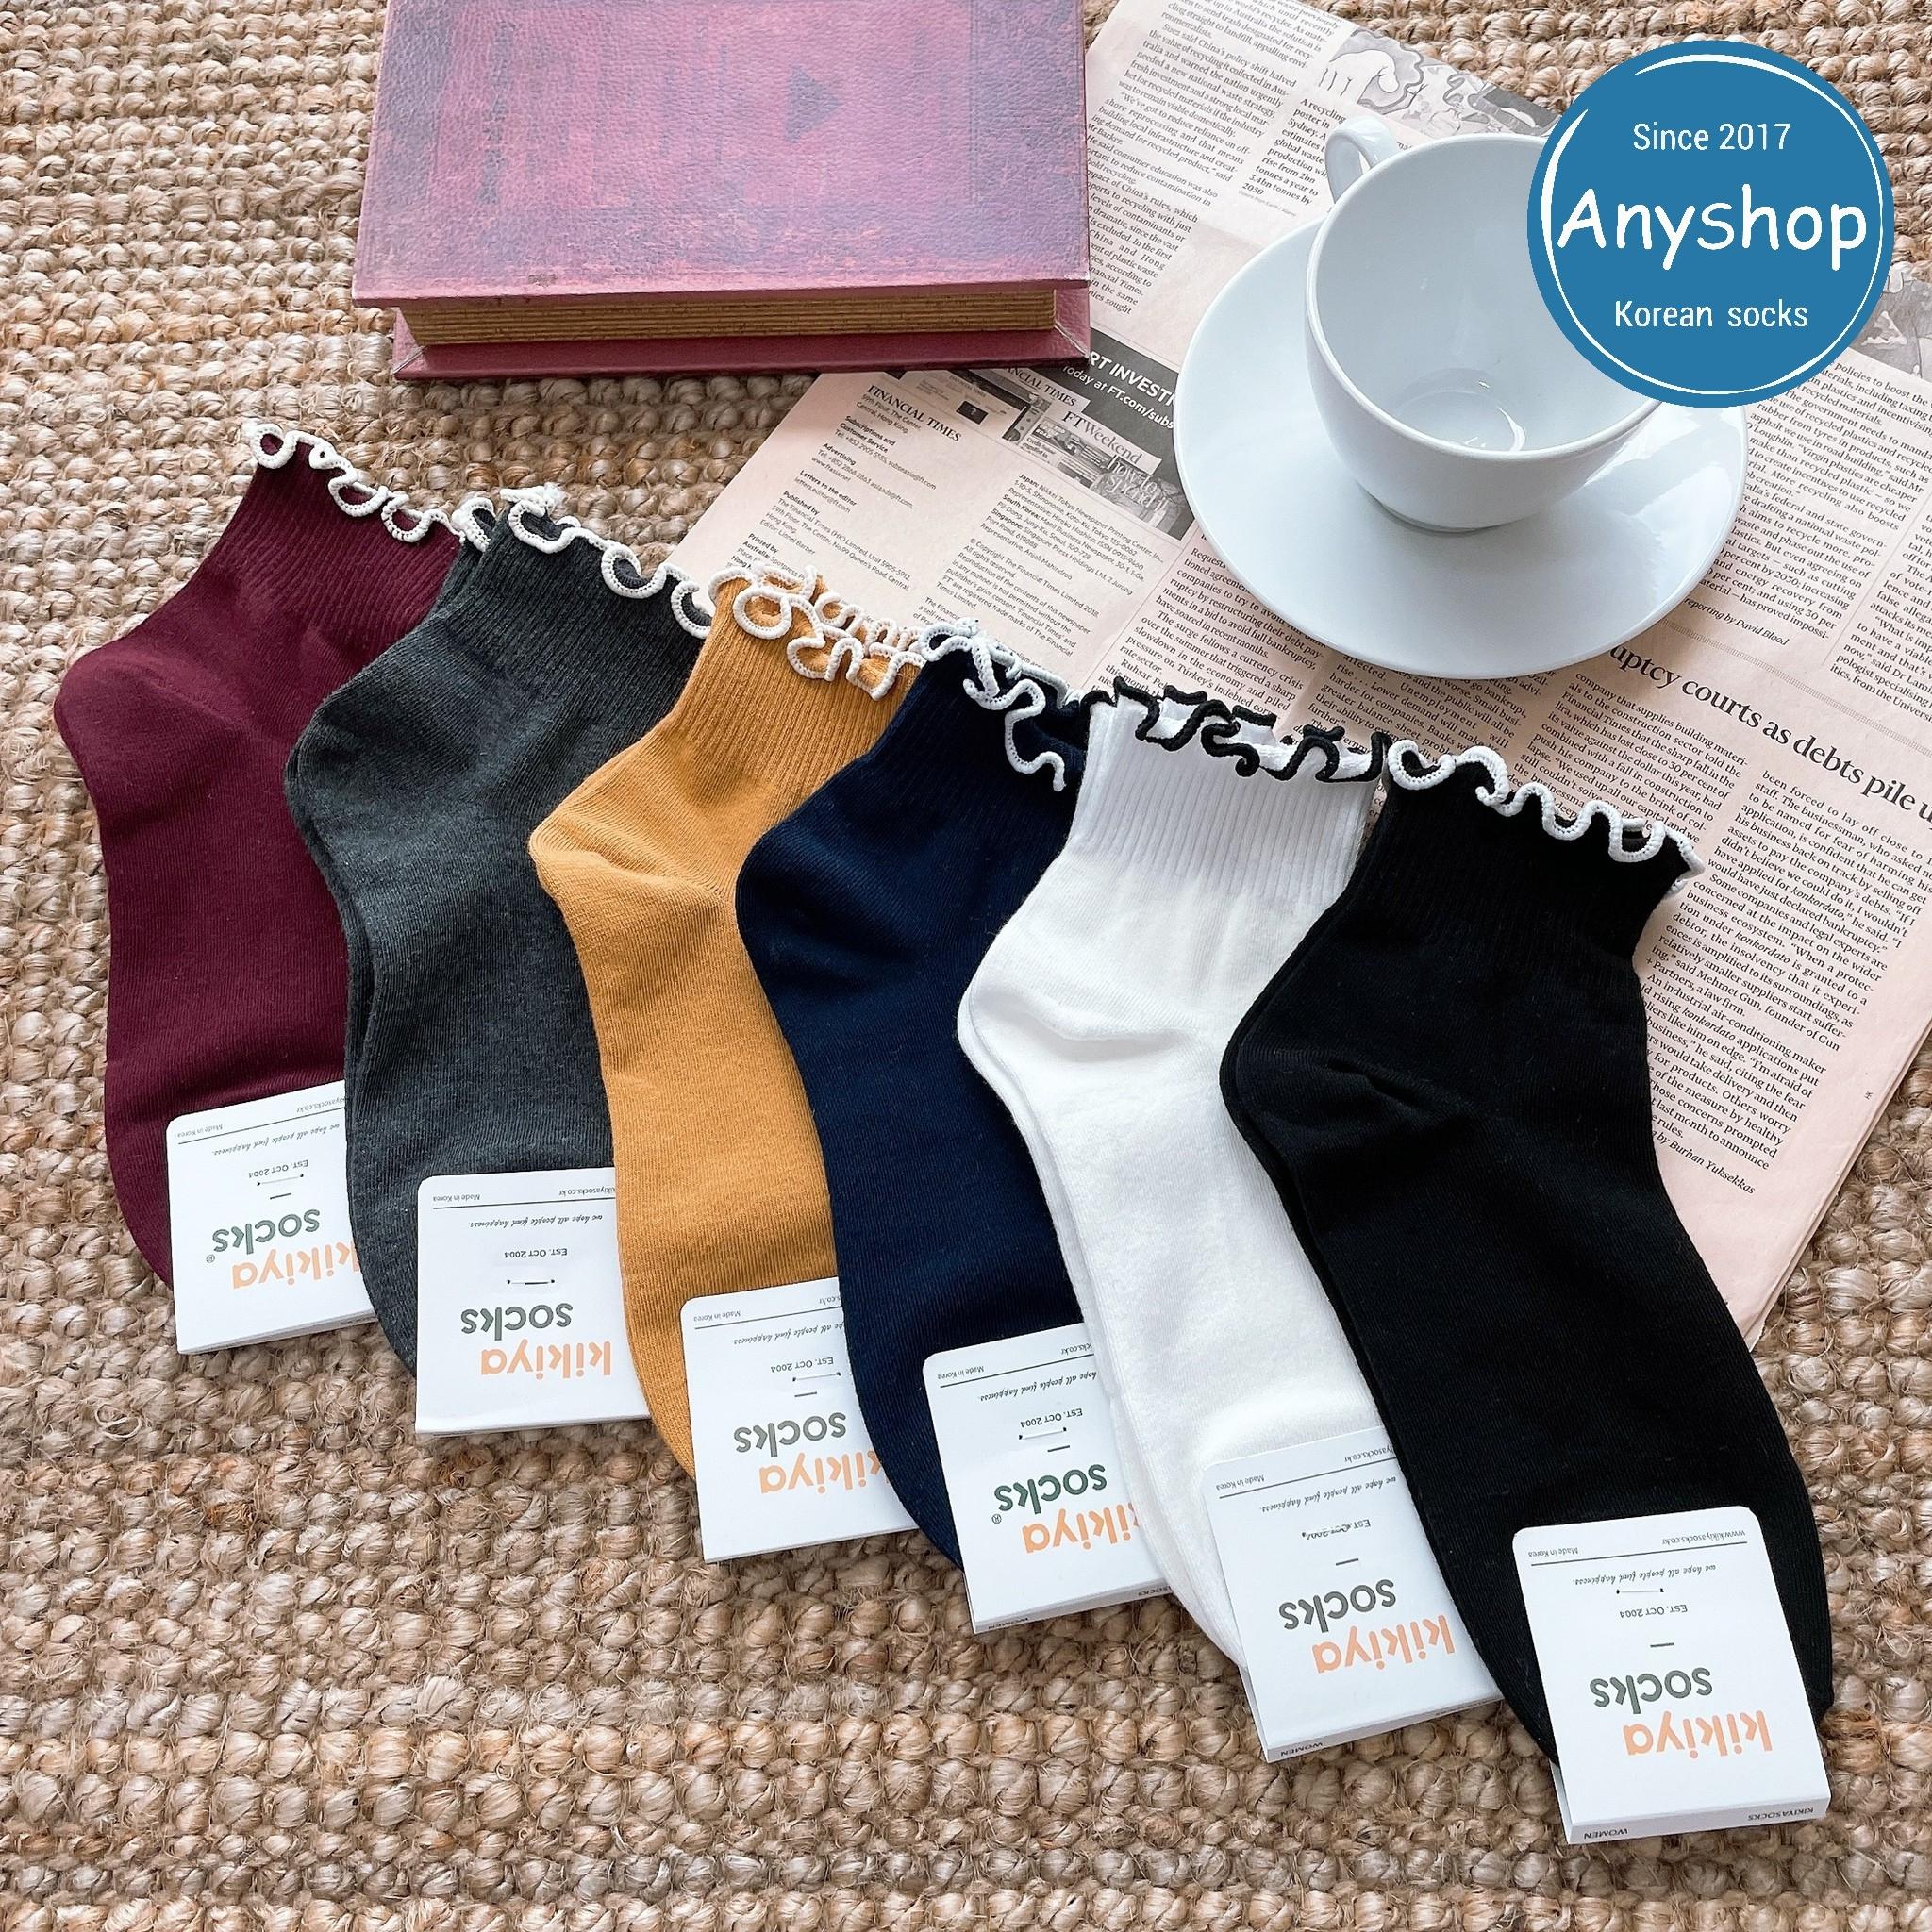 韓國襪-[Anyshop]荷葉邊撞色中筒襪